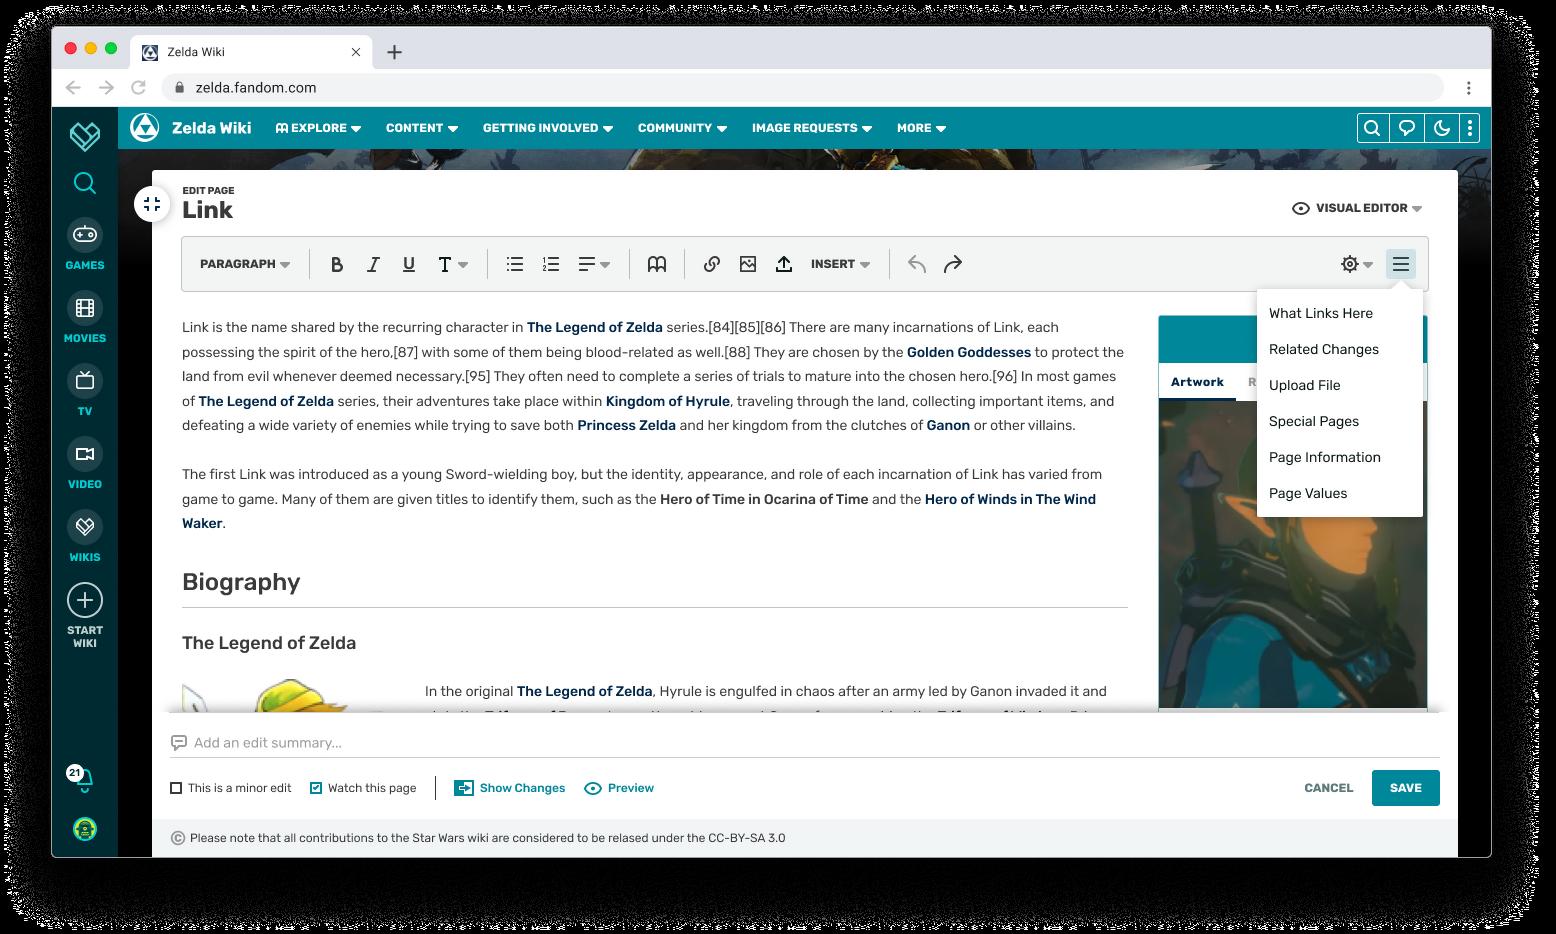 Новый единый дизайн - инструменты редакторов